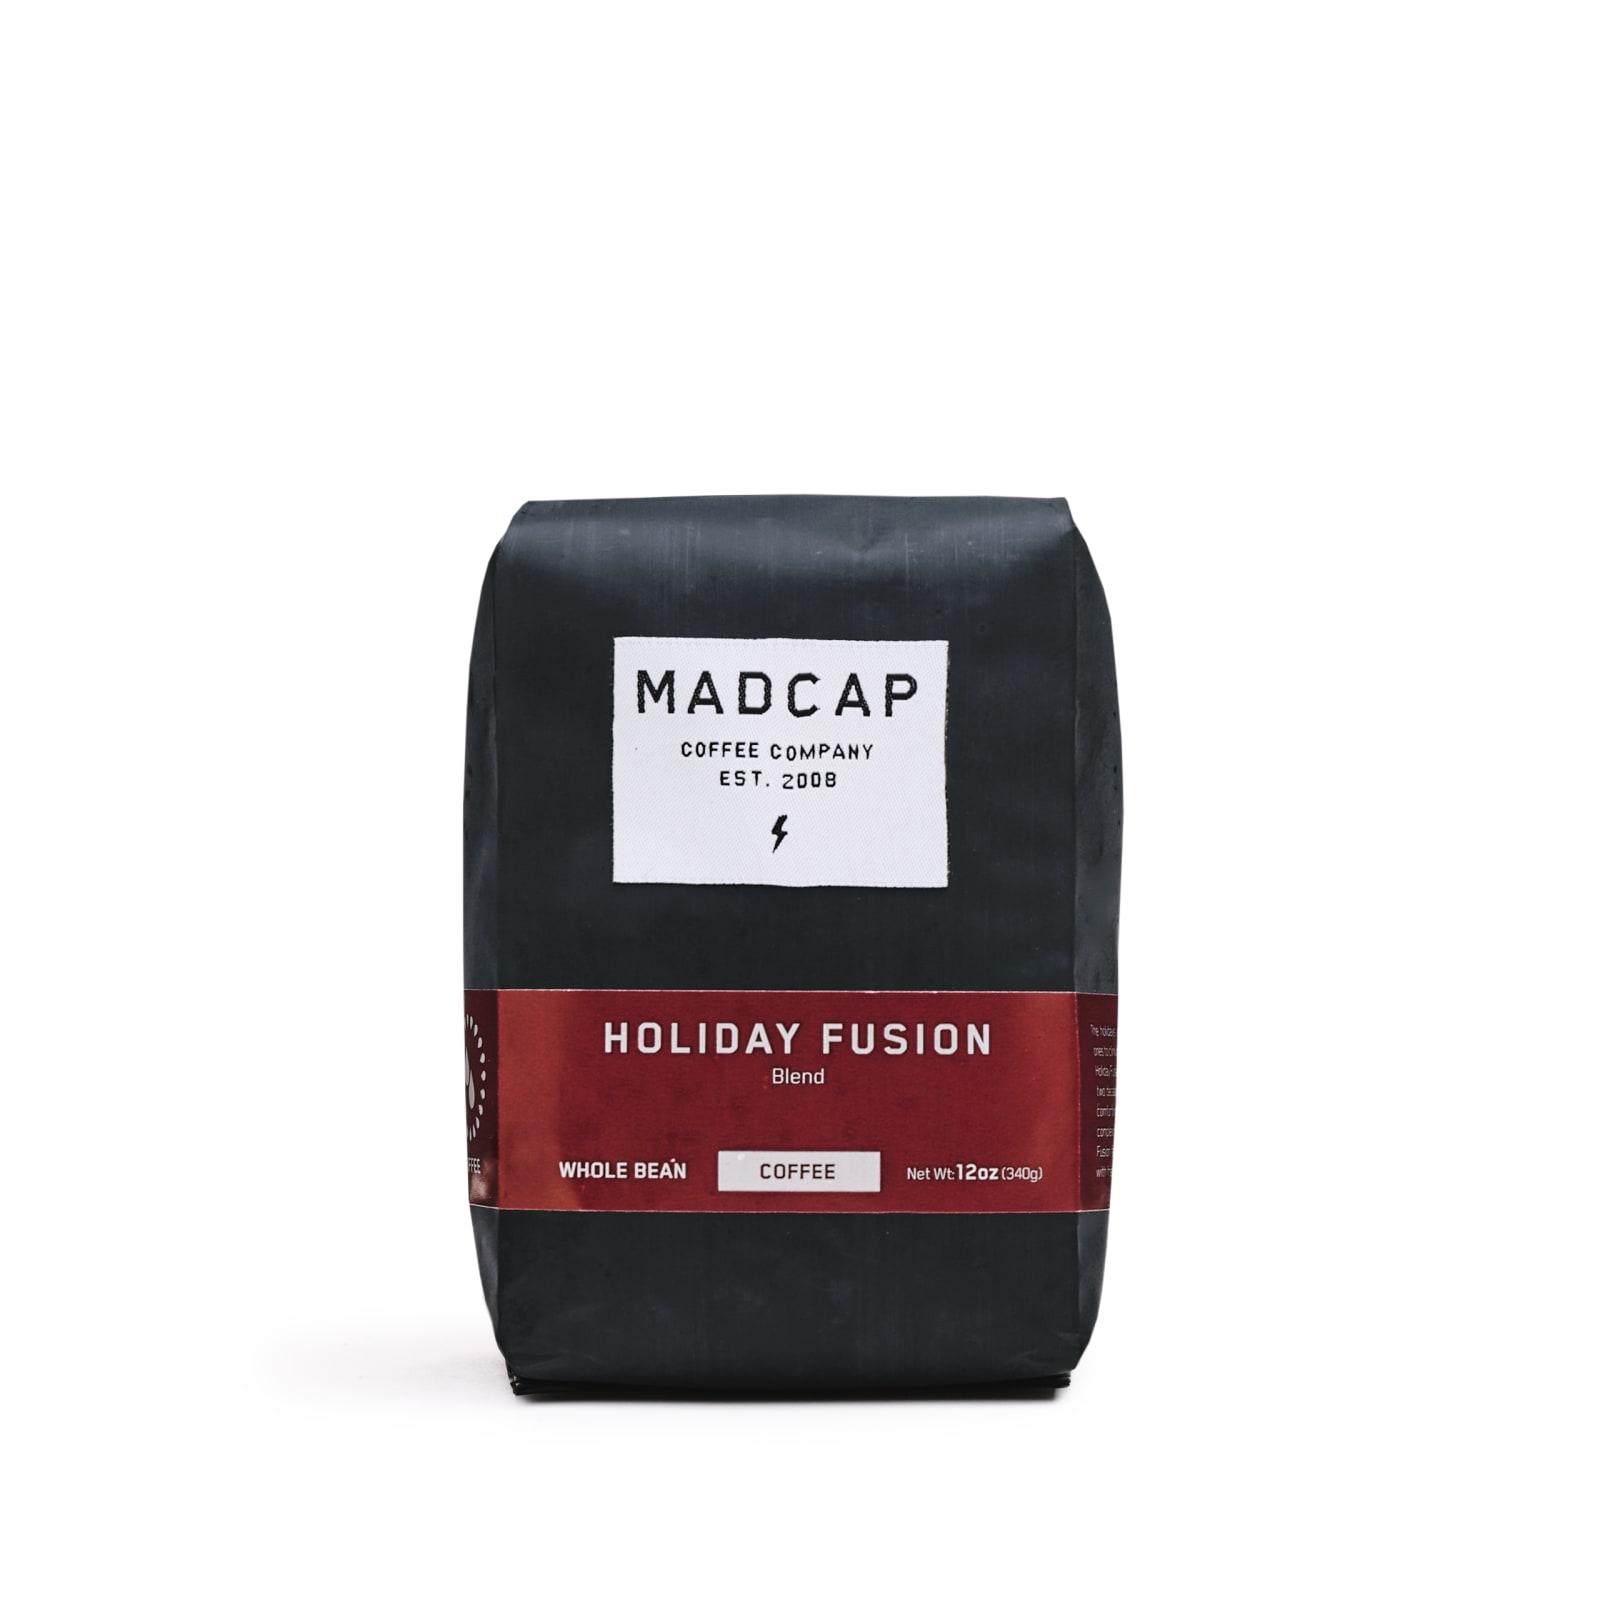 Holiday Fusion